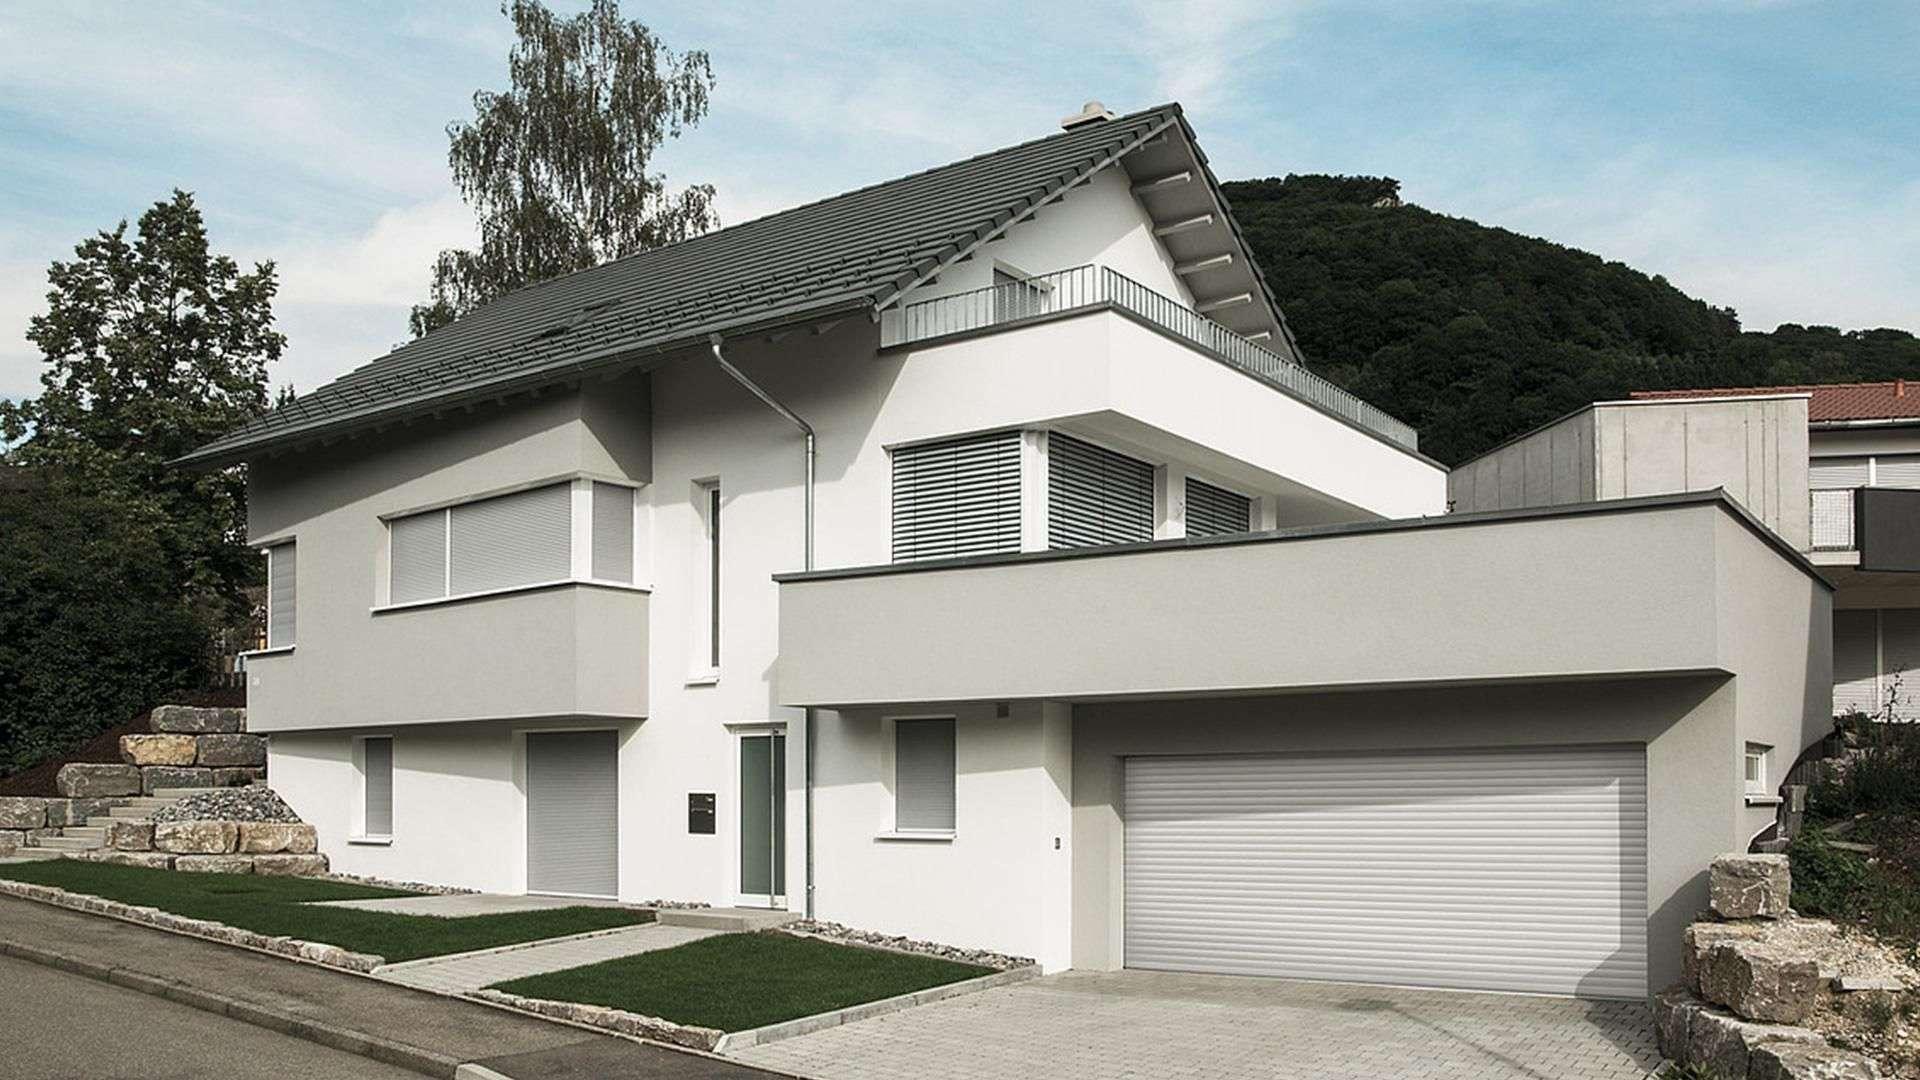 Wohnhaus mit vielen Fenstern mit Beschattung davor und großen Hof mit Garagentor